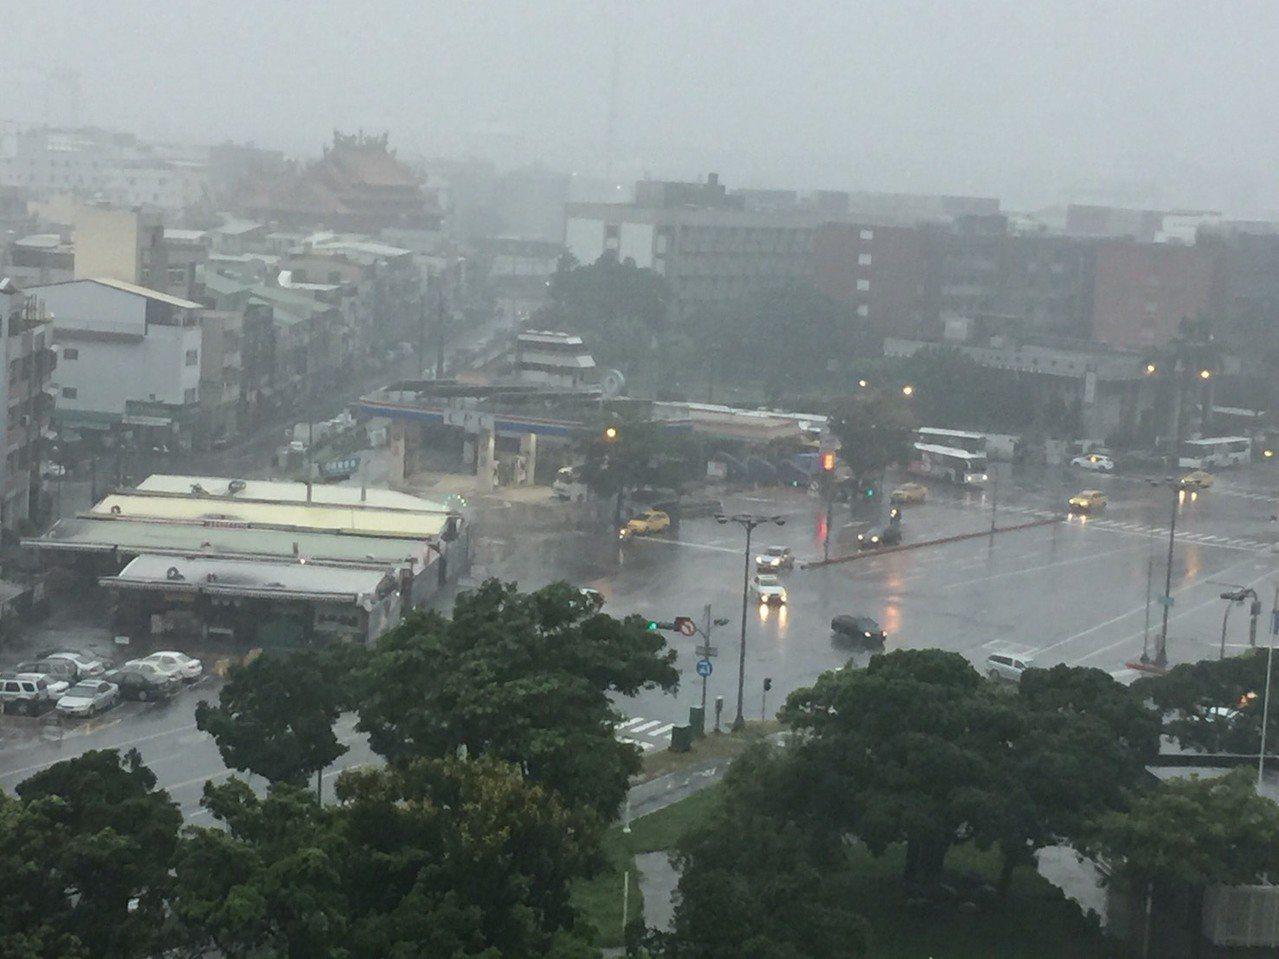 下午3時30分過後,高雄市區風雨加大,天色灰暗。記者楊濡嘉/攝影